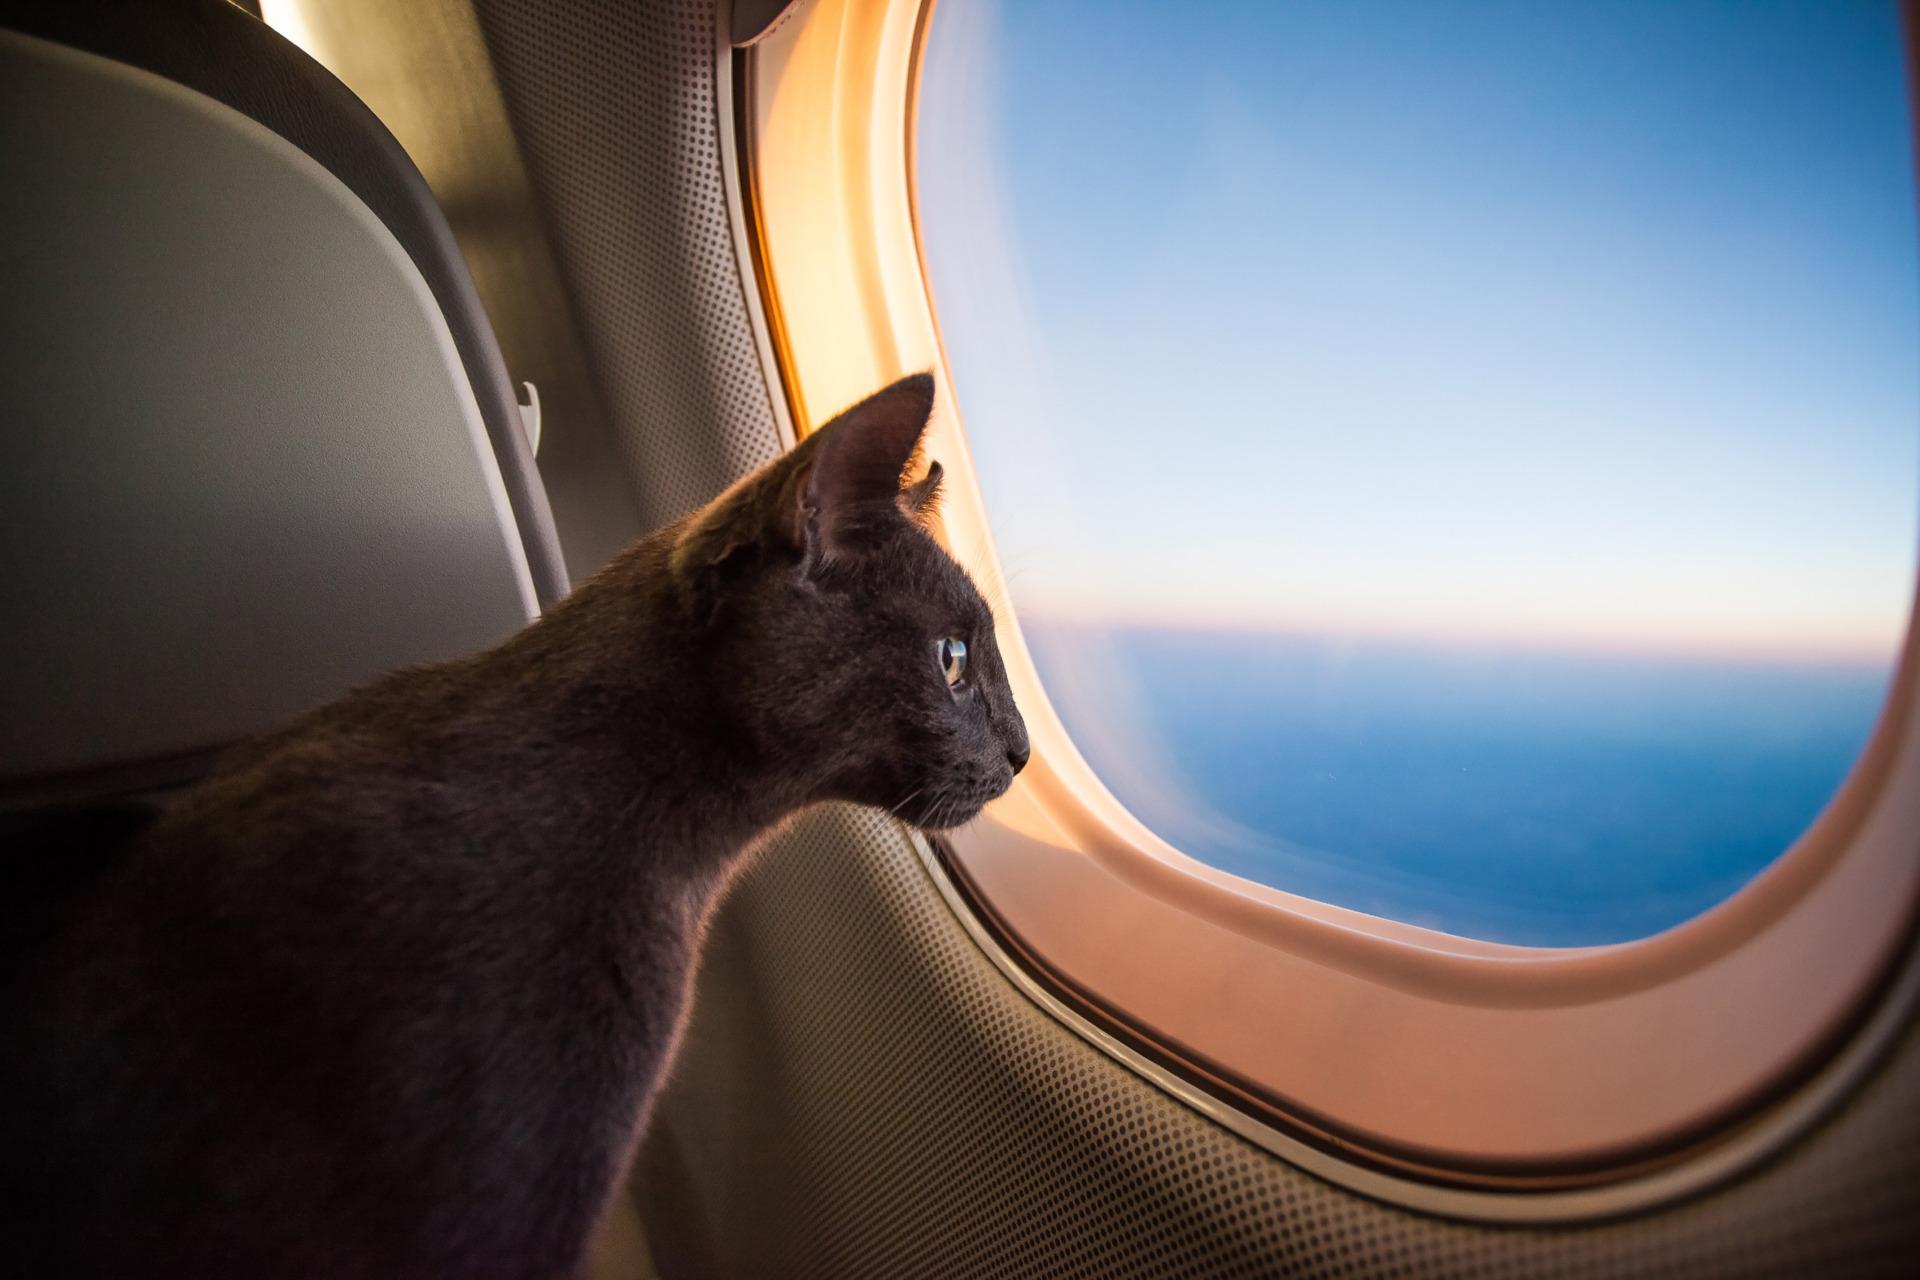 هزینه و شرایط حمل حیوان خانگی با هواپیما، قطار و اتوبوس